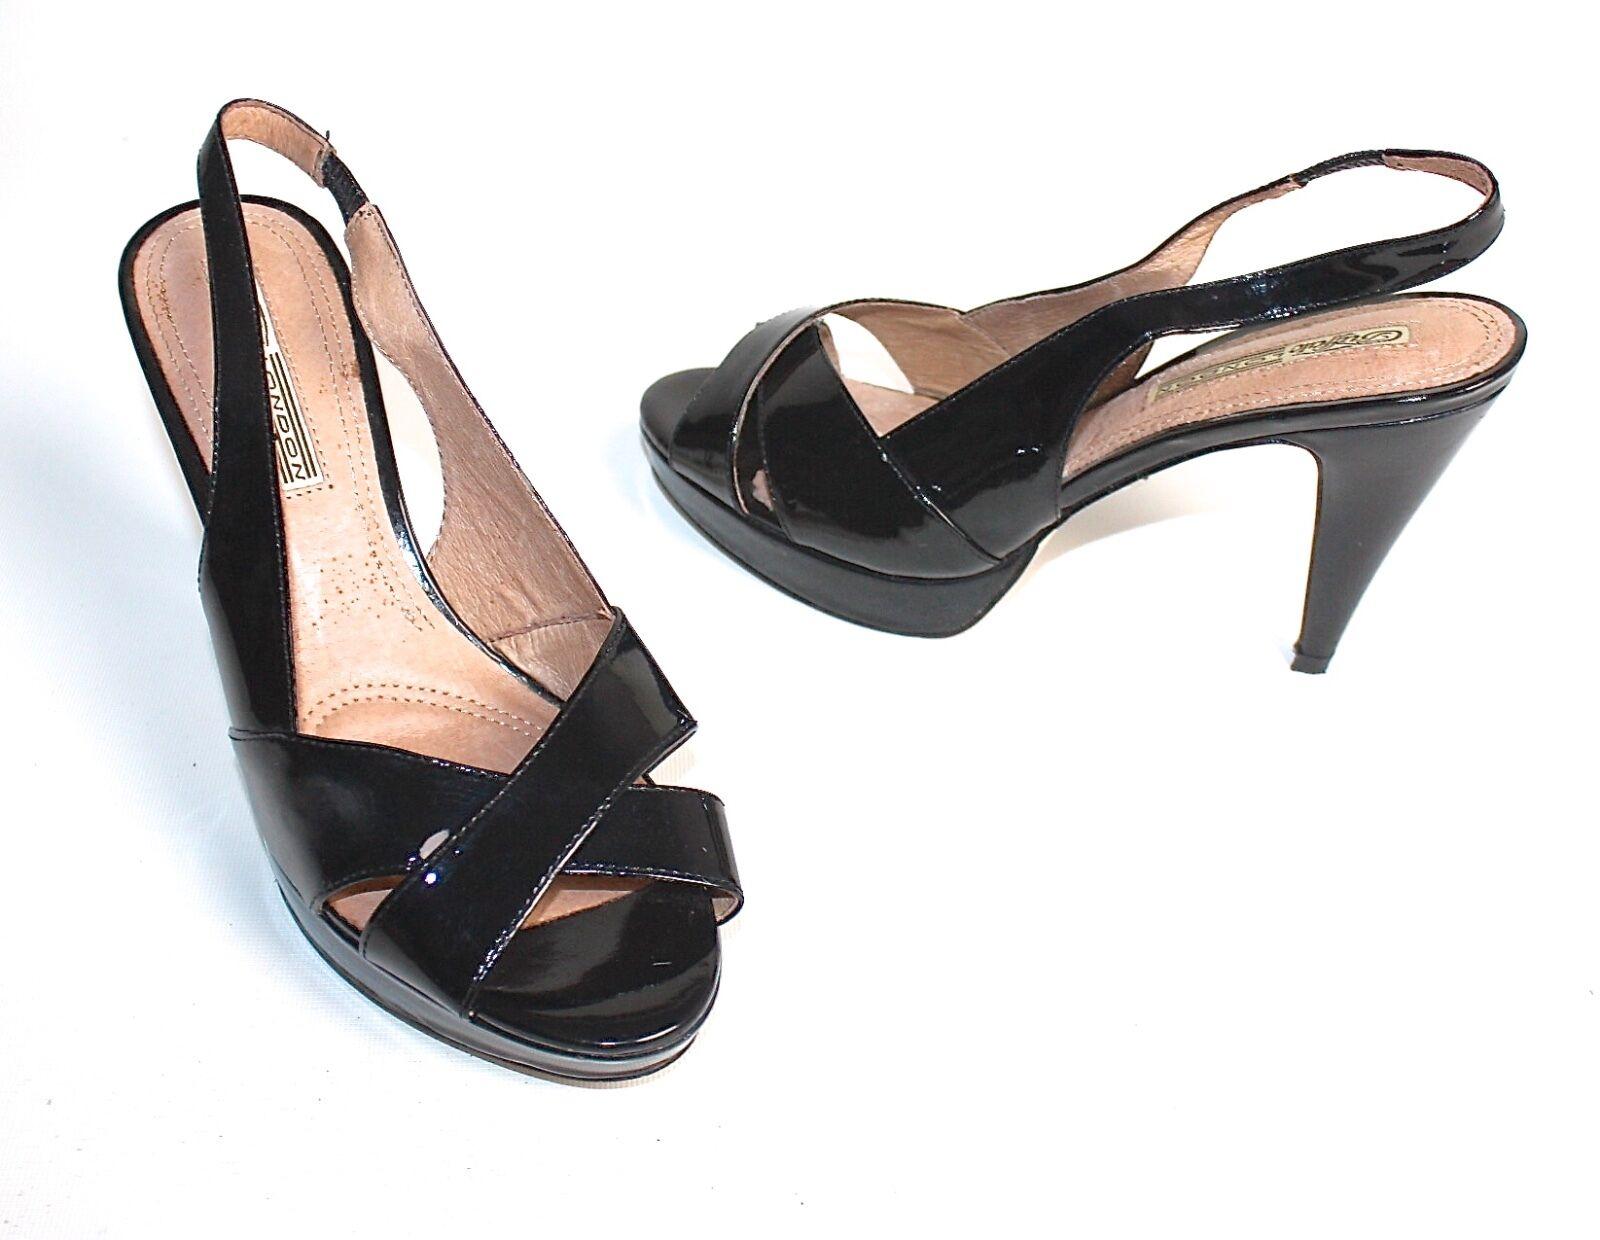 Buffalo londres! con tiras pumps plataforma zapatos charol Black 40 como nuevo!